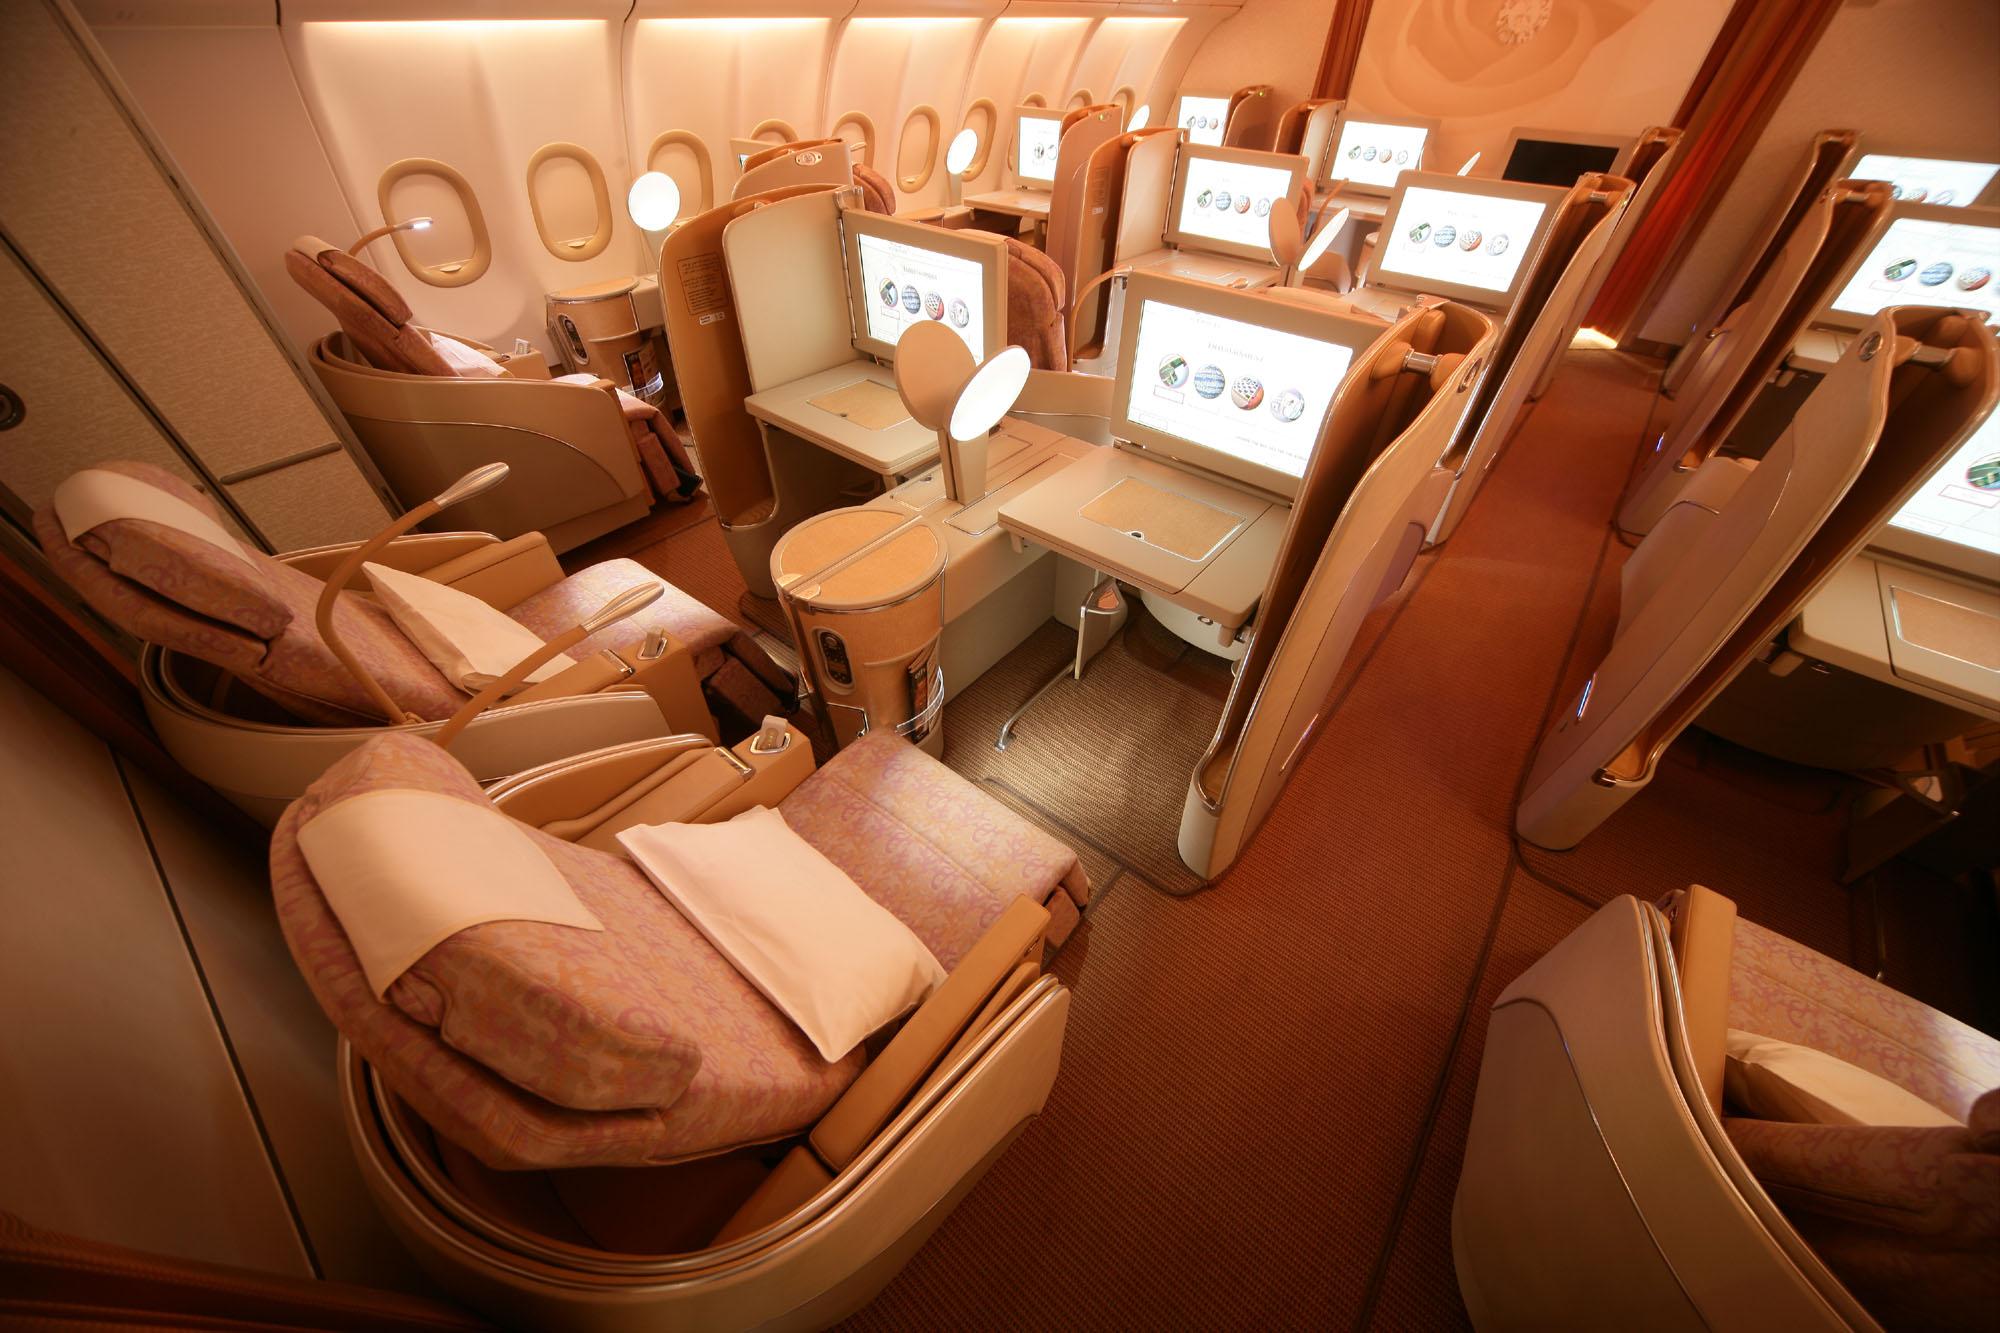 First Class Cabin